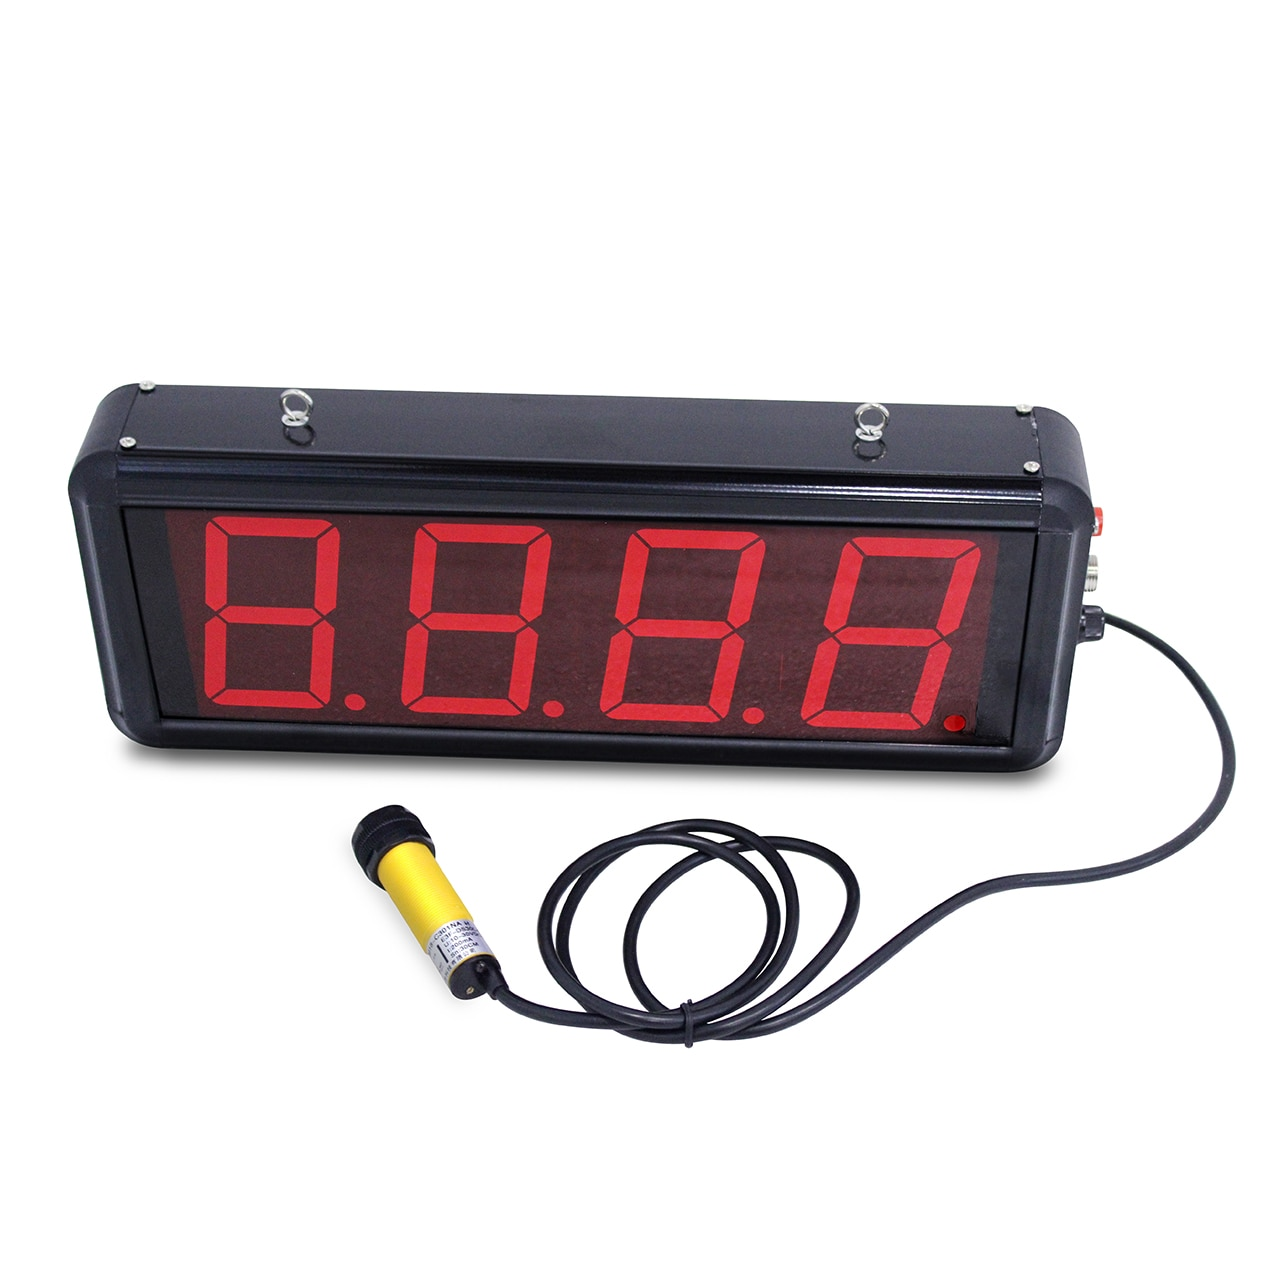 عداد الحث التلقائي مع شاشة LED كبيرة ، جهاز نقطة تحميل حزام ناقل بالأشعة تحت الحمراء ، شاشة رقمية صناعية